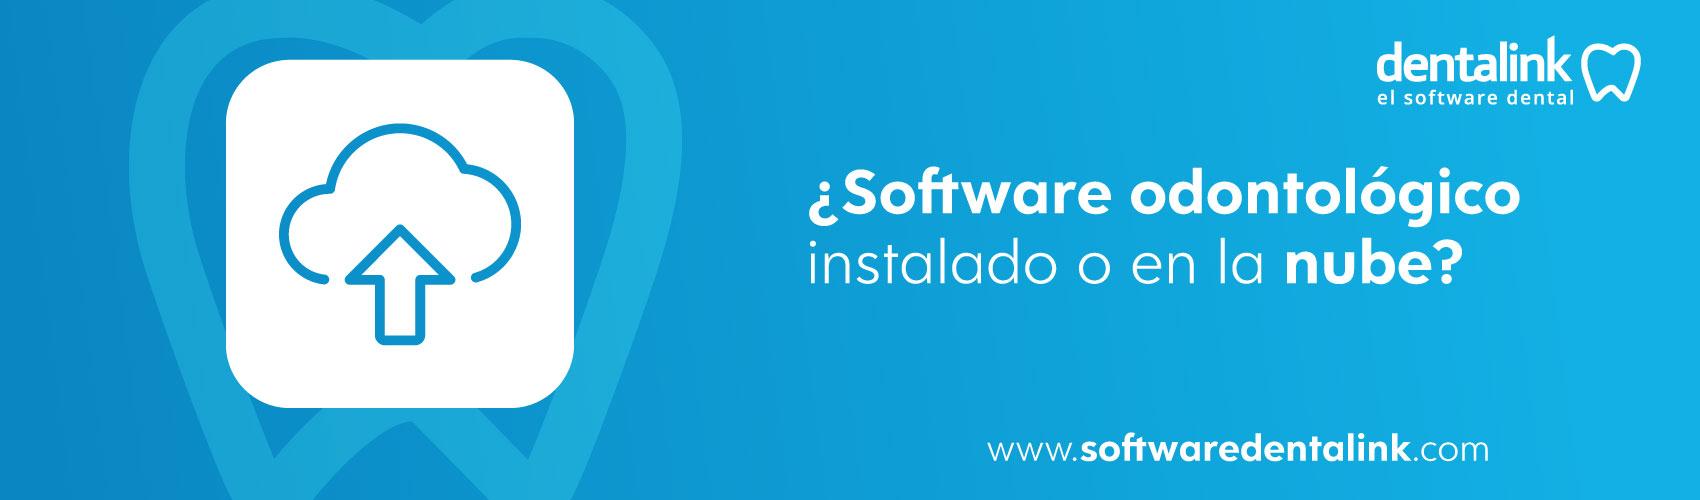 Software odontológico en la nube vs un software instalado